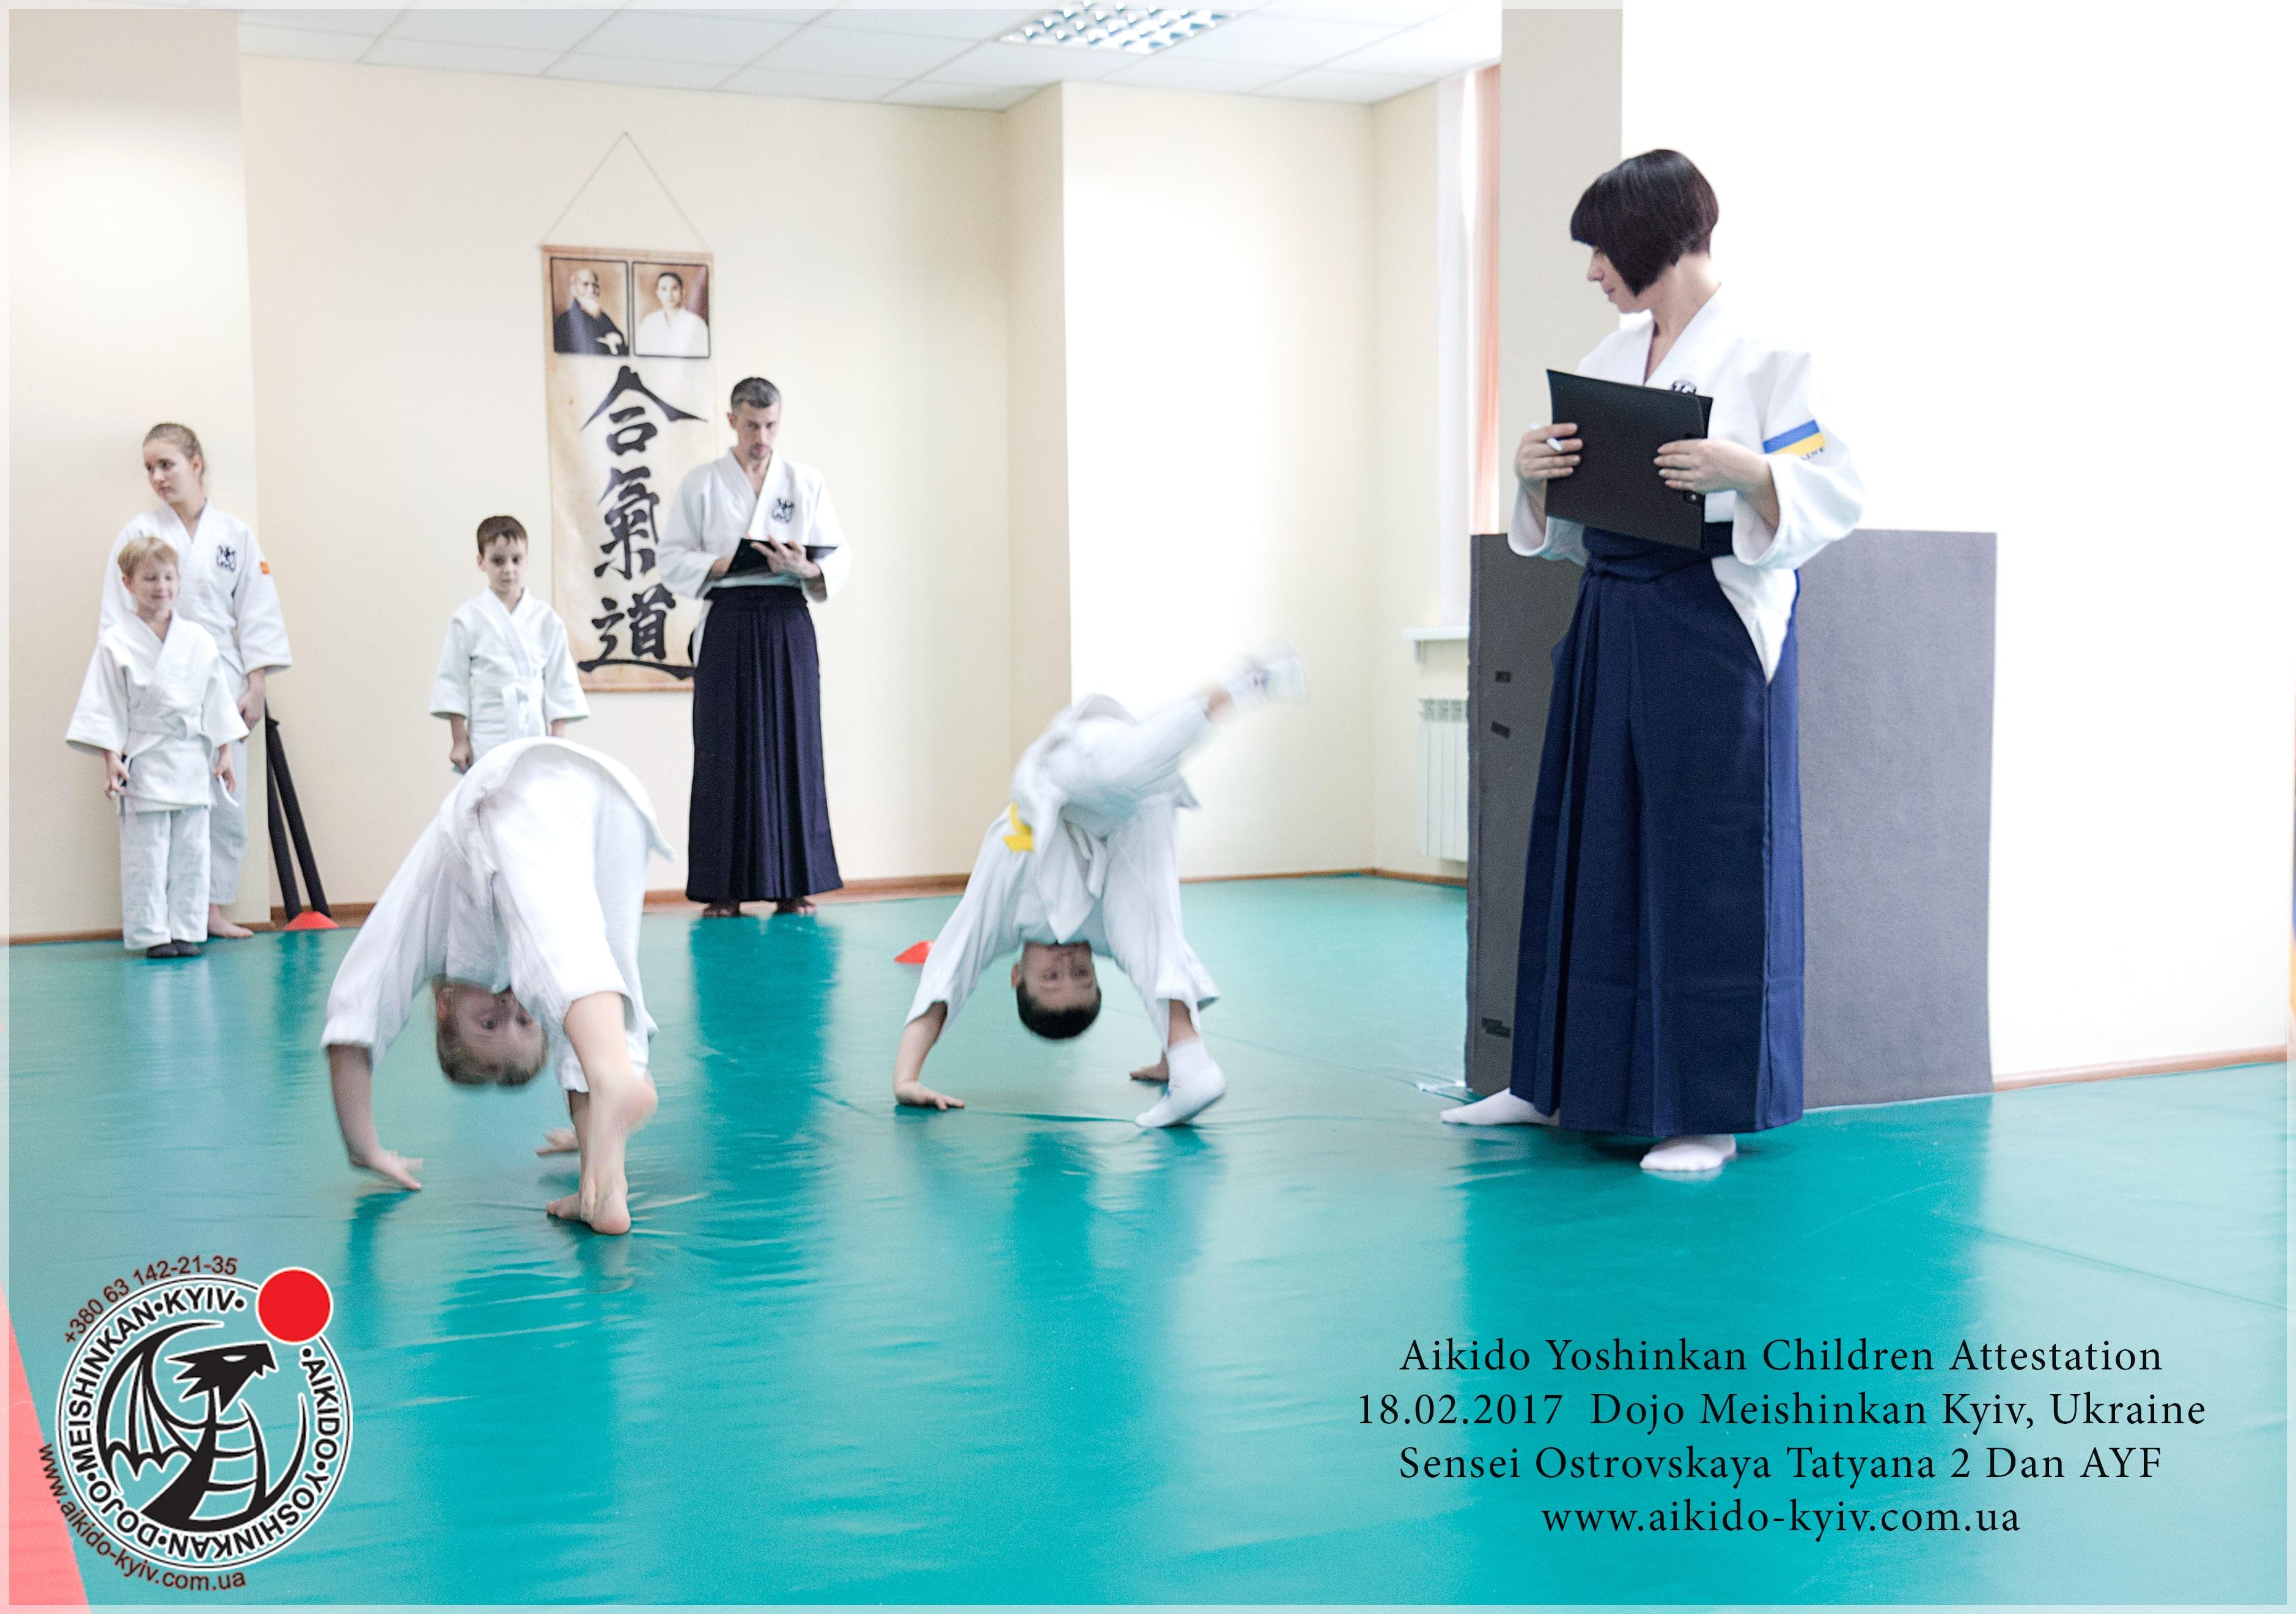 08киев-борьба-карате-айкидо-дзюдо-позняки-min